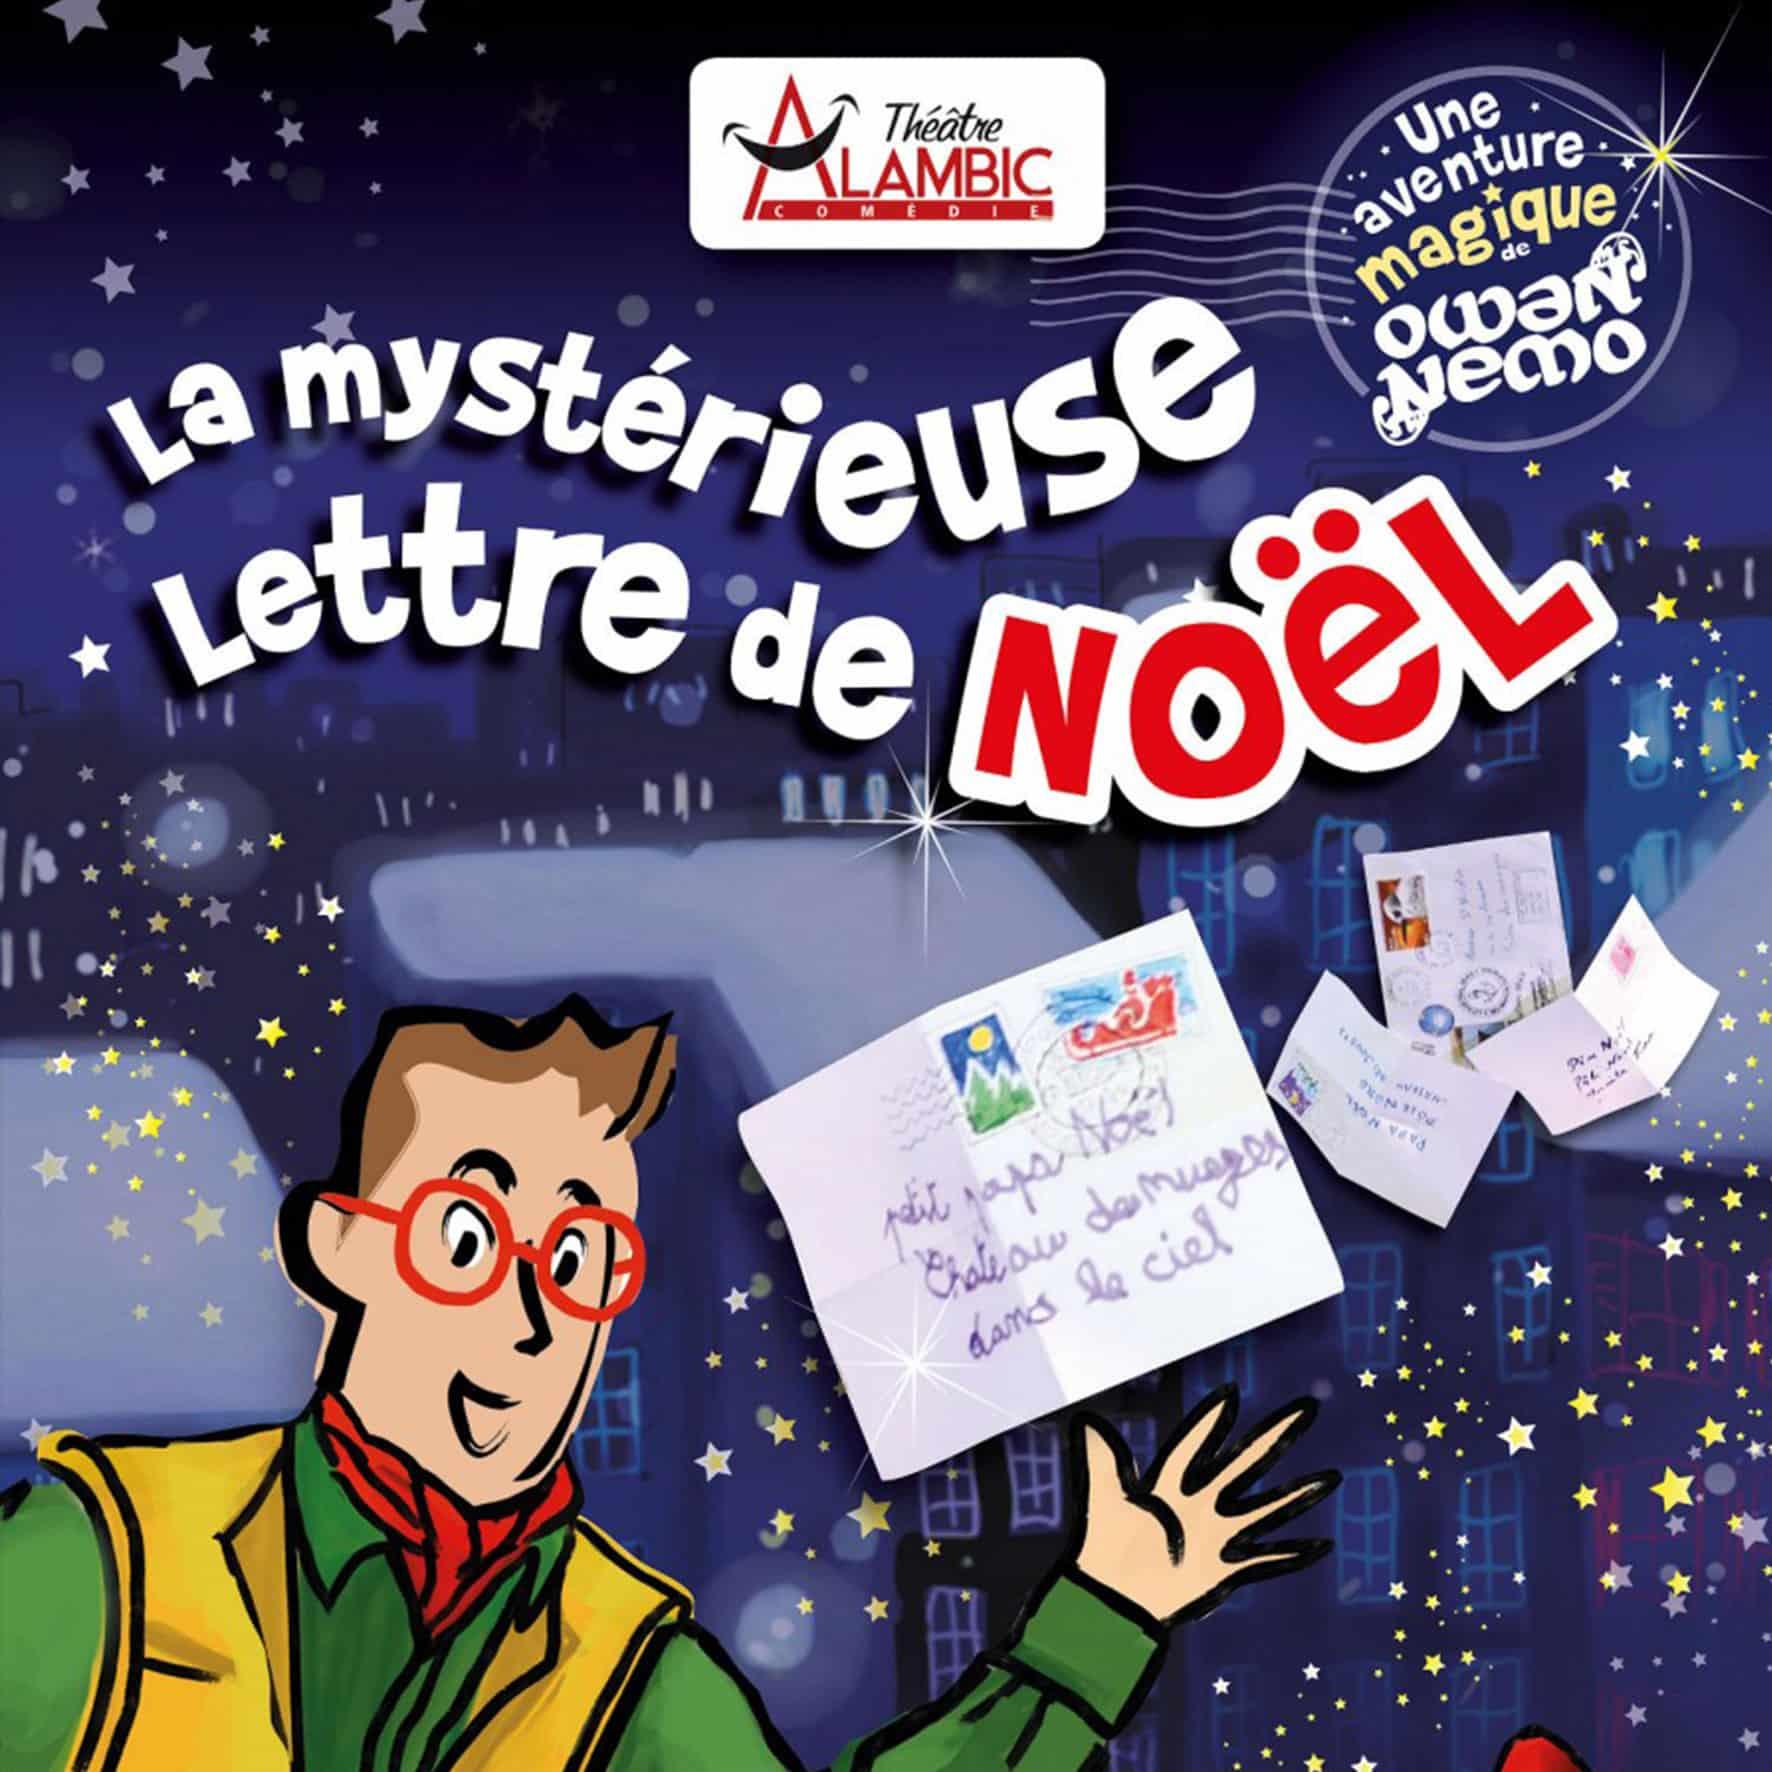 La mystérieuse lettre de Noël